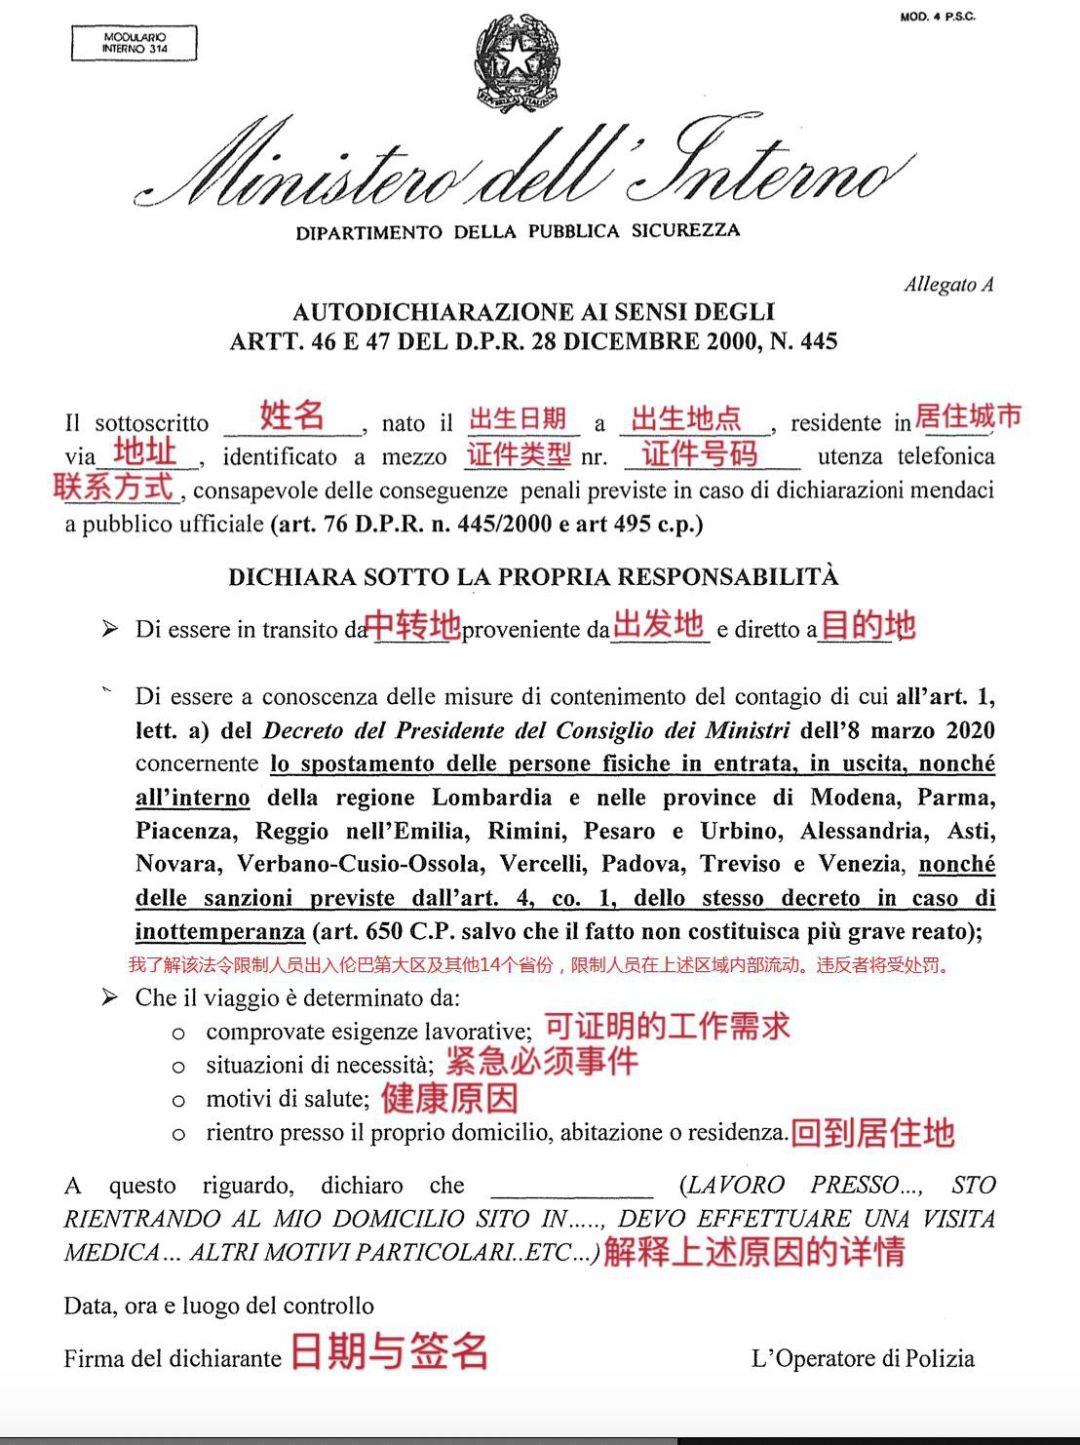 驻意大利使馆   :关于请遵守全意范围内限制出行法令的温馨提示